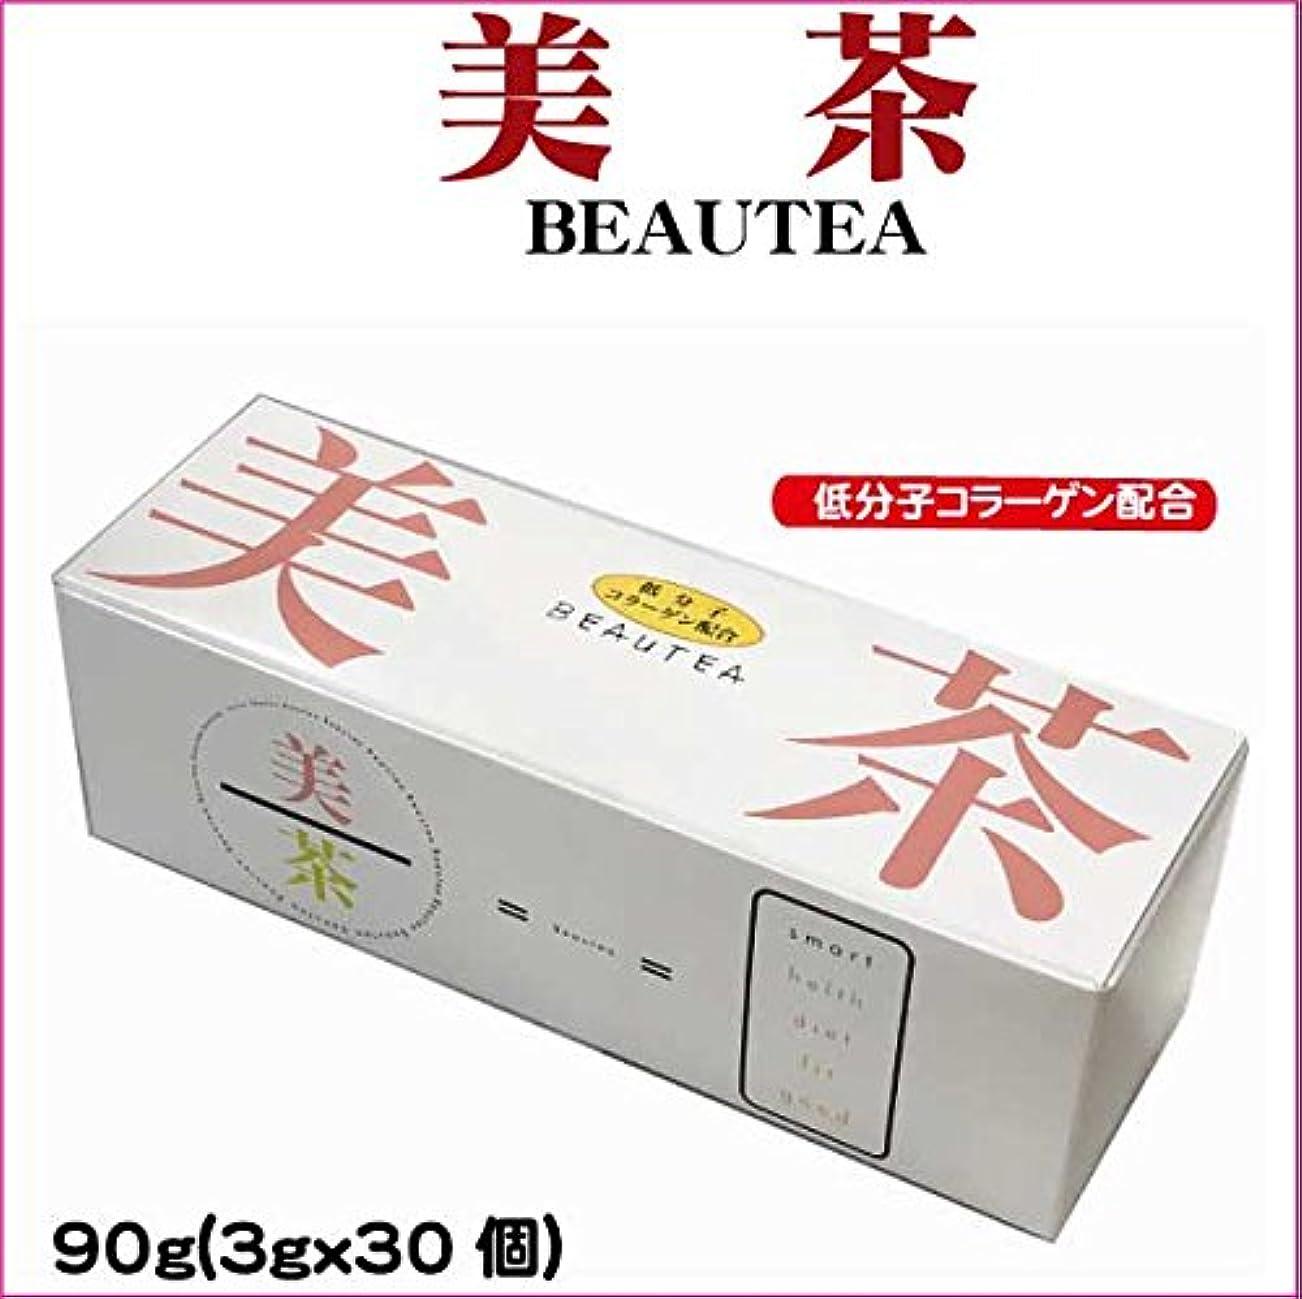 うまくやる()ネクタイペーストダイエット茶  美茶(beautea)  ほうじ茶ベース?3gX30包み 1箱